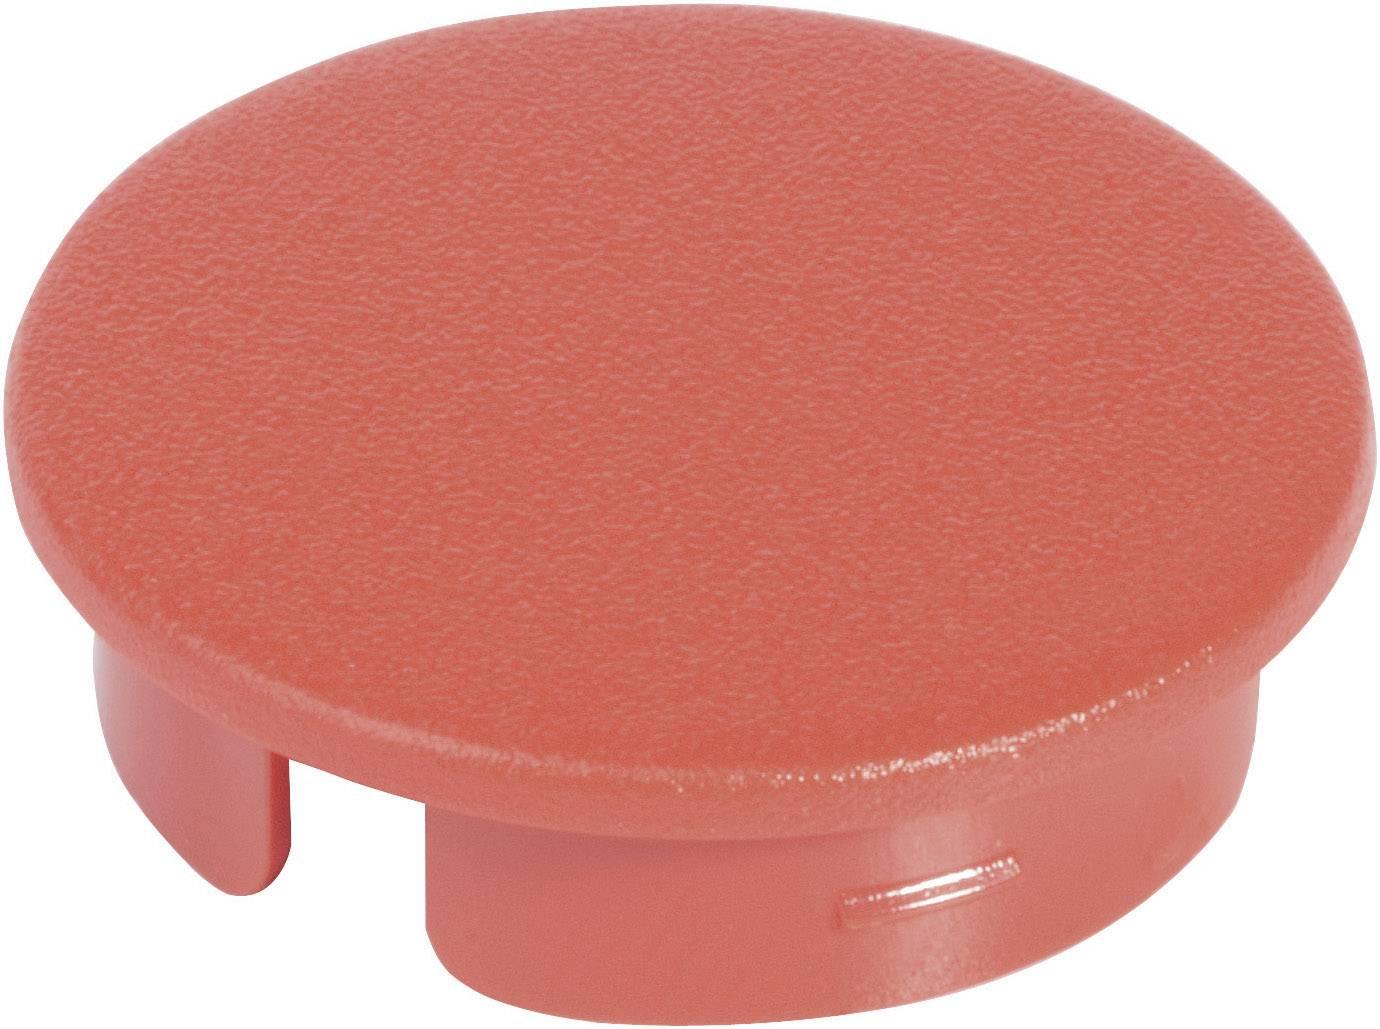 Krytka na otočný knoflík bez ukazatele OKW, pro knoflíky/O 20 mm, červená